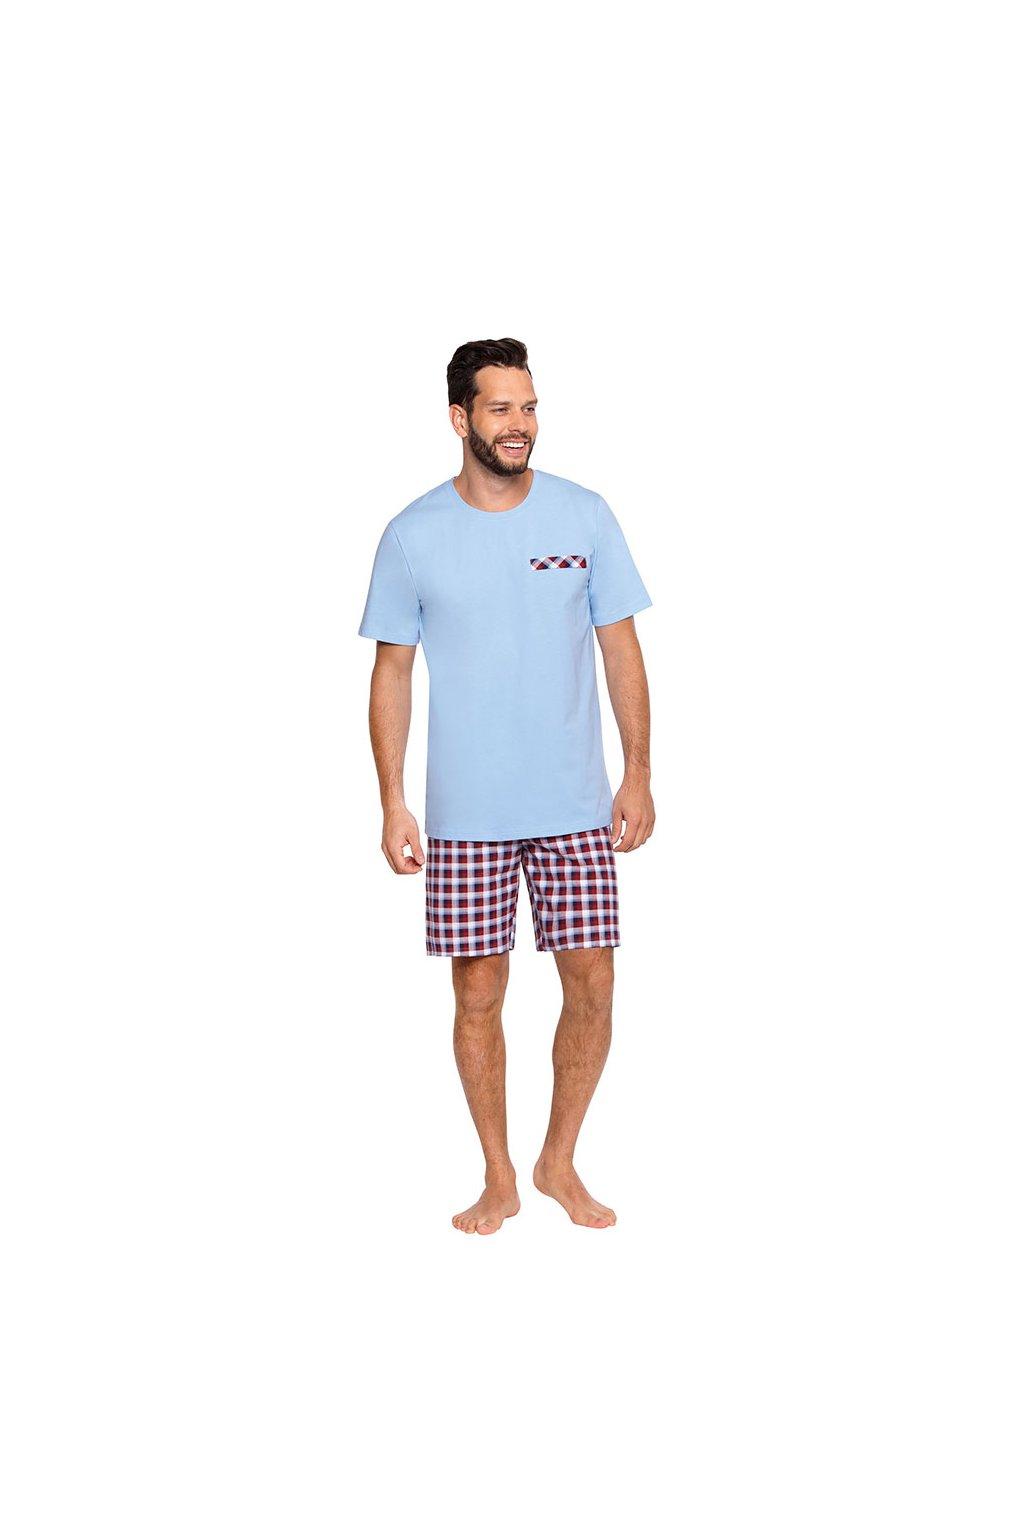 Pánské pyžamo s krátkým rukávem, 204117 415, modrá